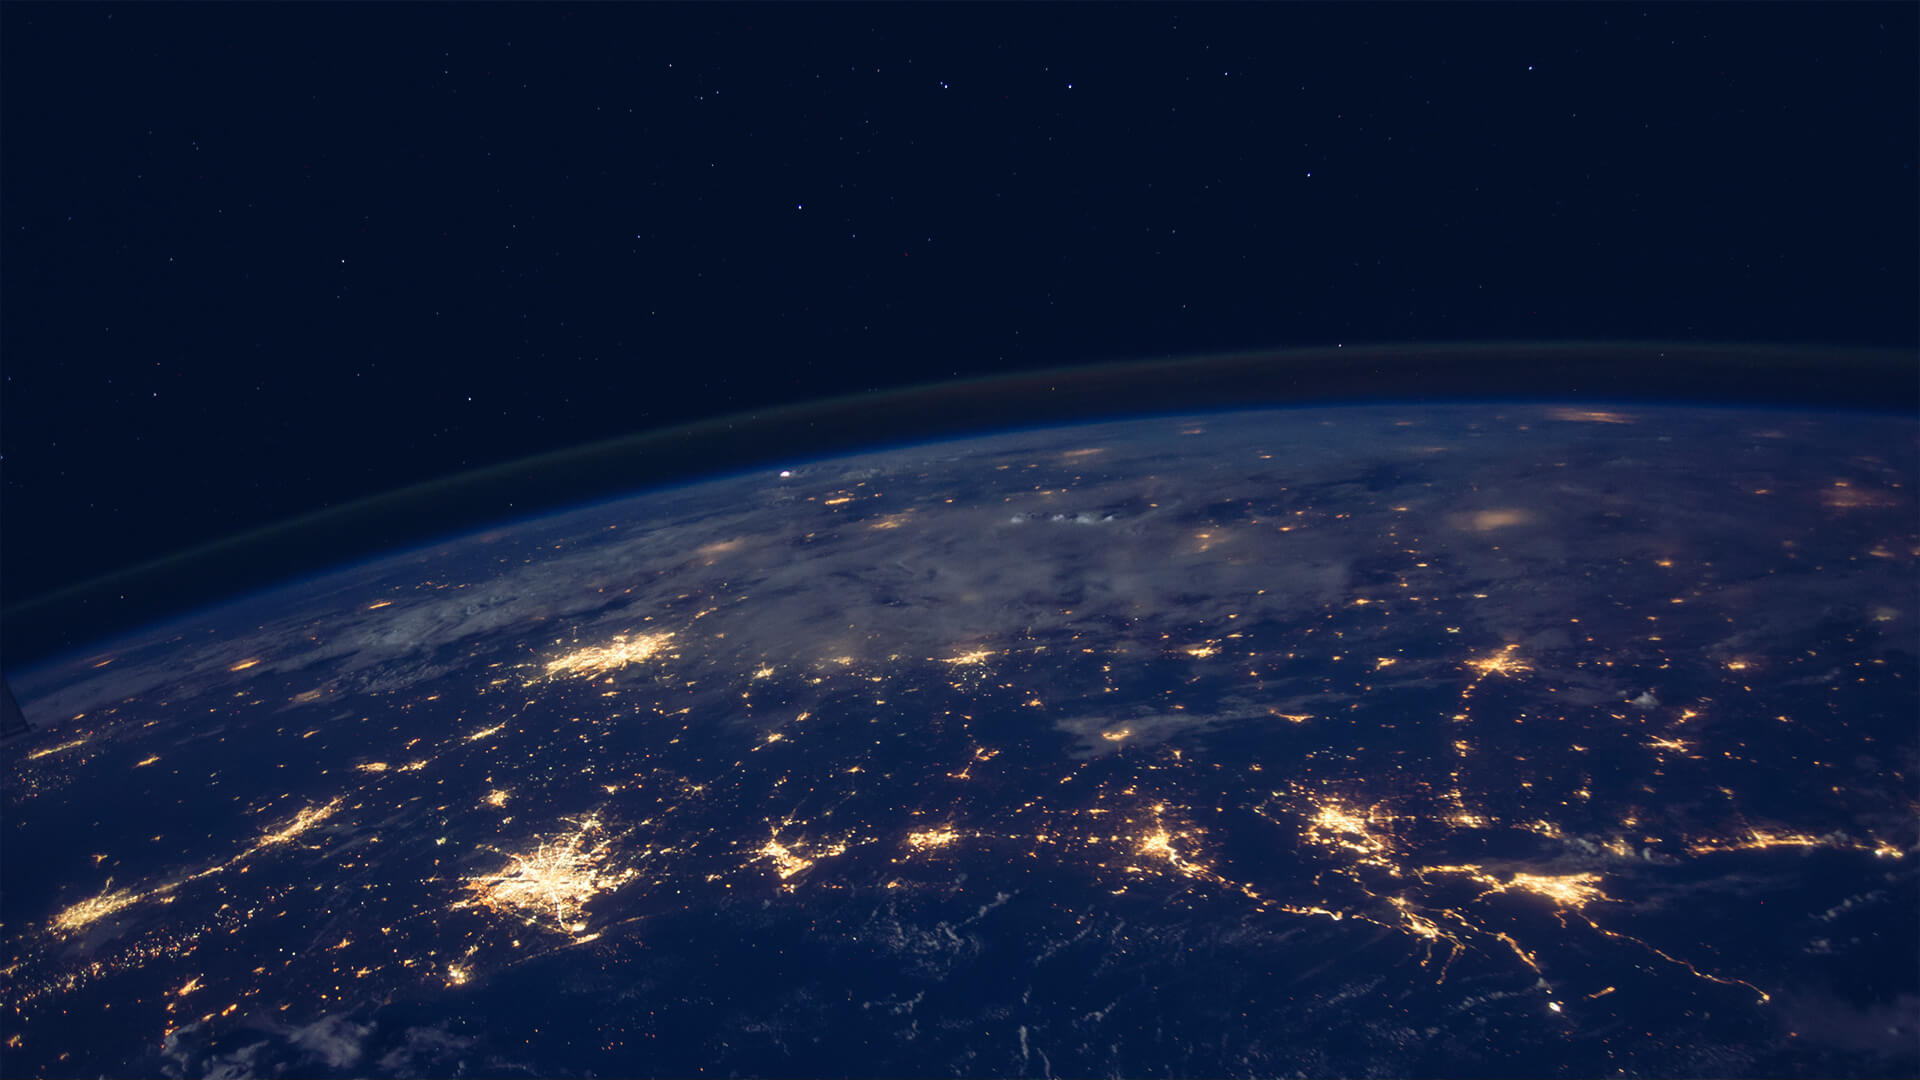 全球化探索创新医学技术理念